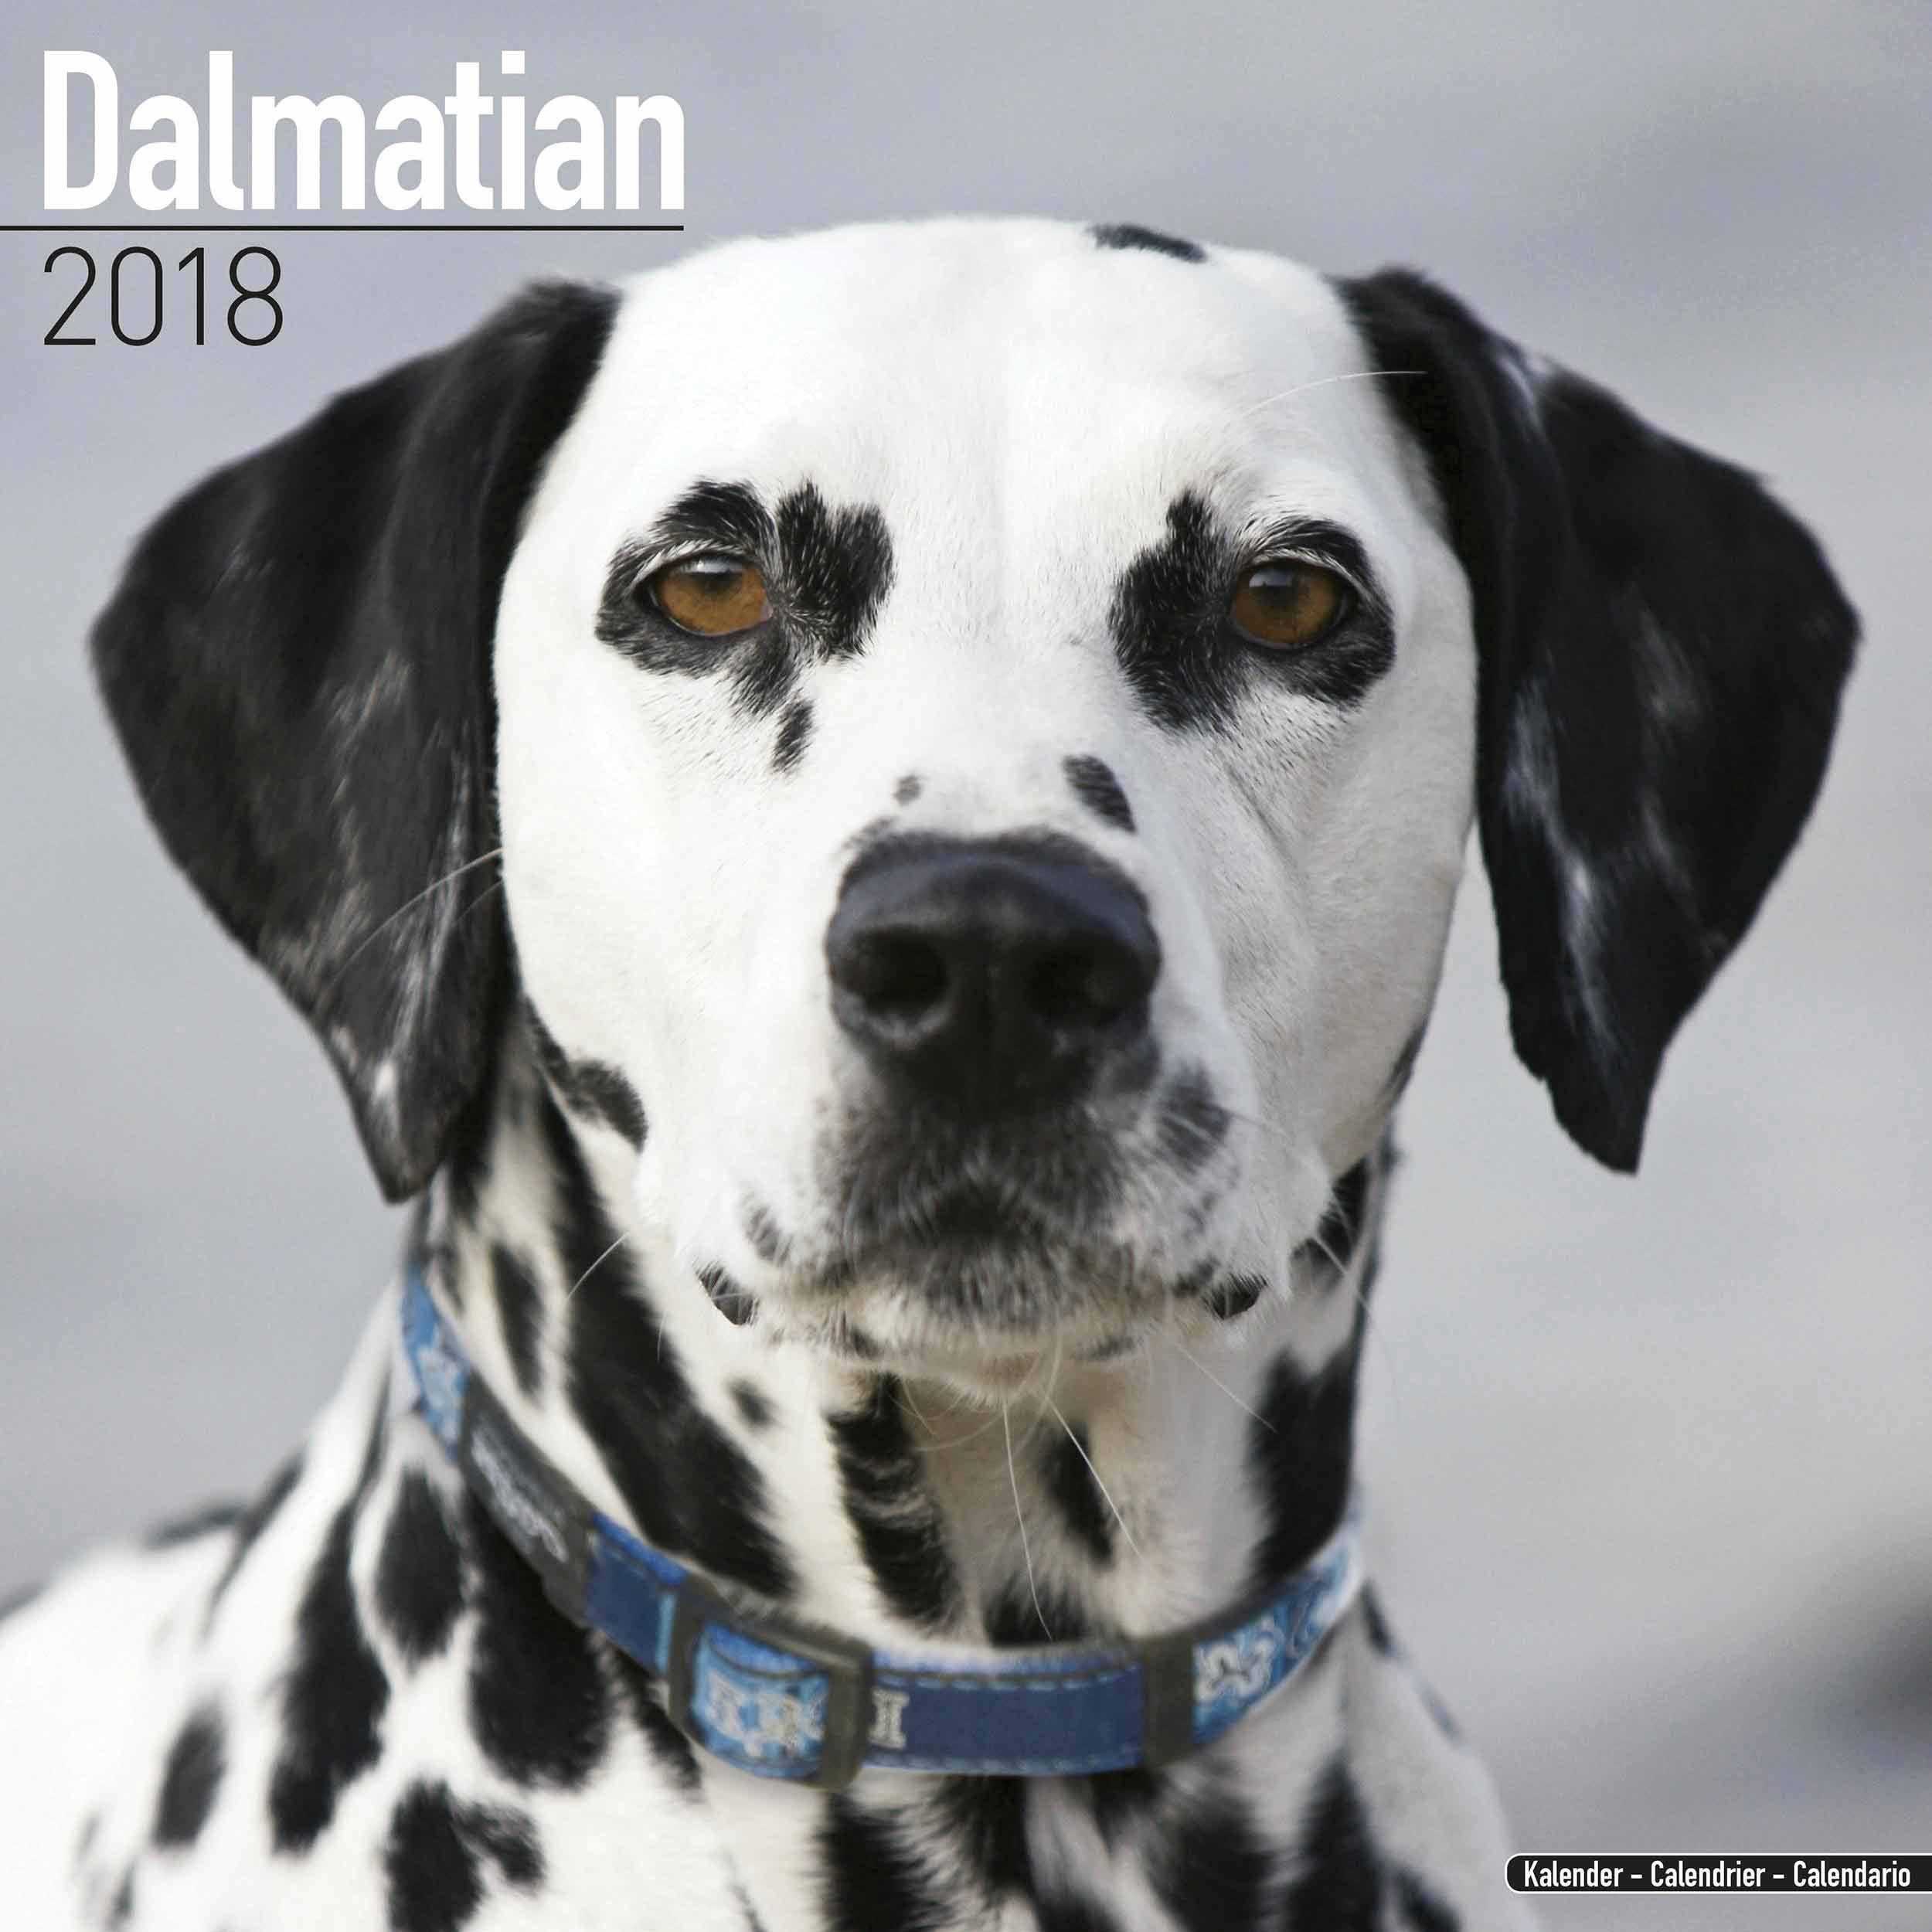 Dalmatian Calendar 2018 - Calendar Club UK